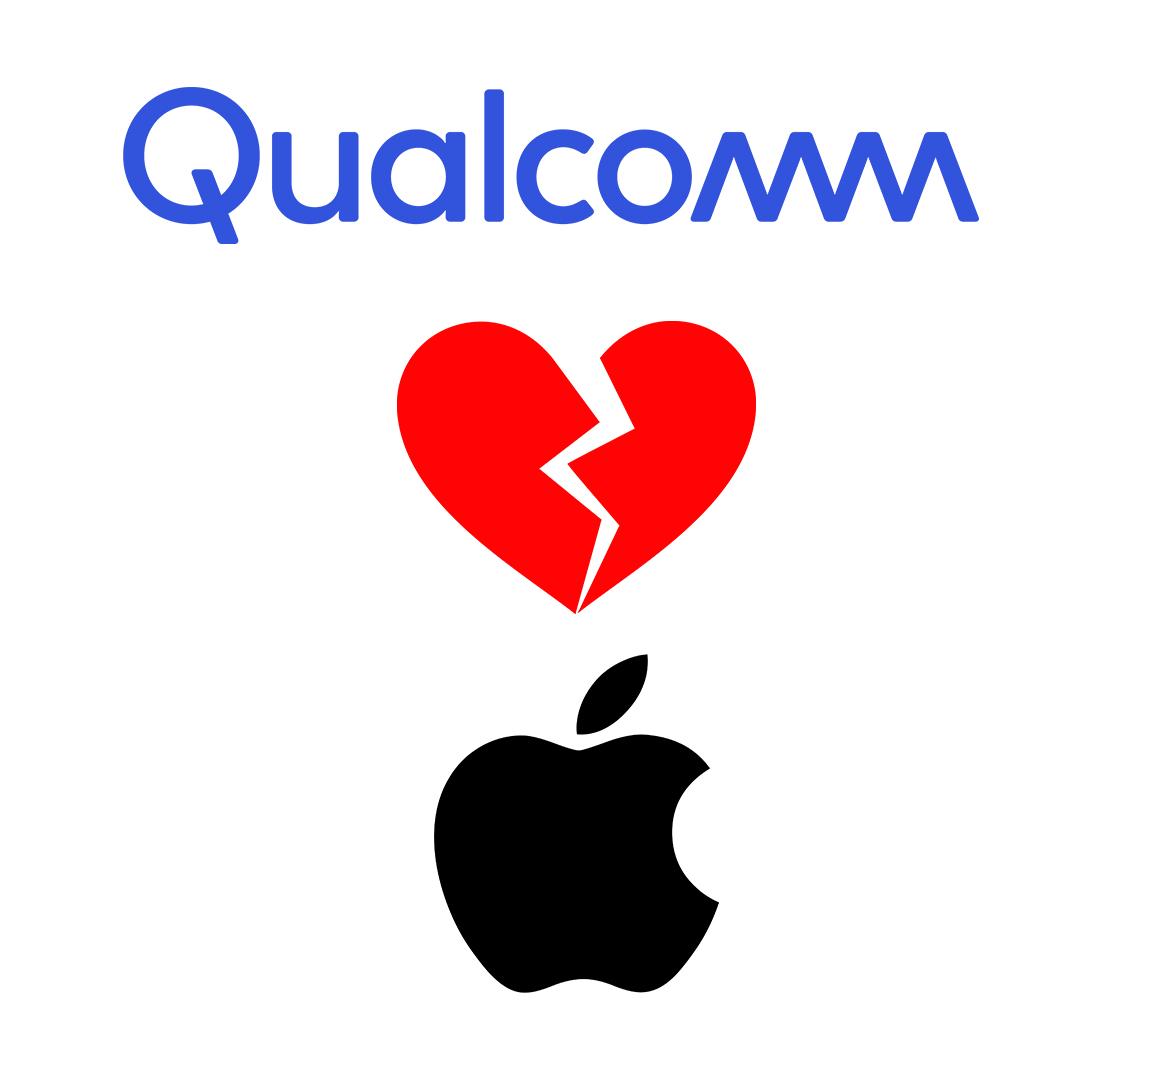 Le feuilleton continue : Qualcomm ne digère pas son divorce avec Apple ni son idylle avec Intel